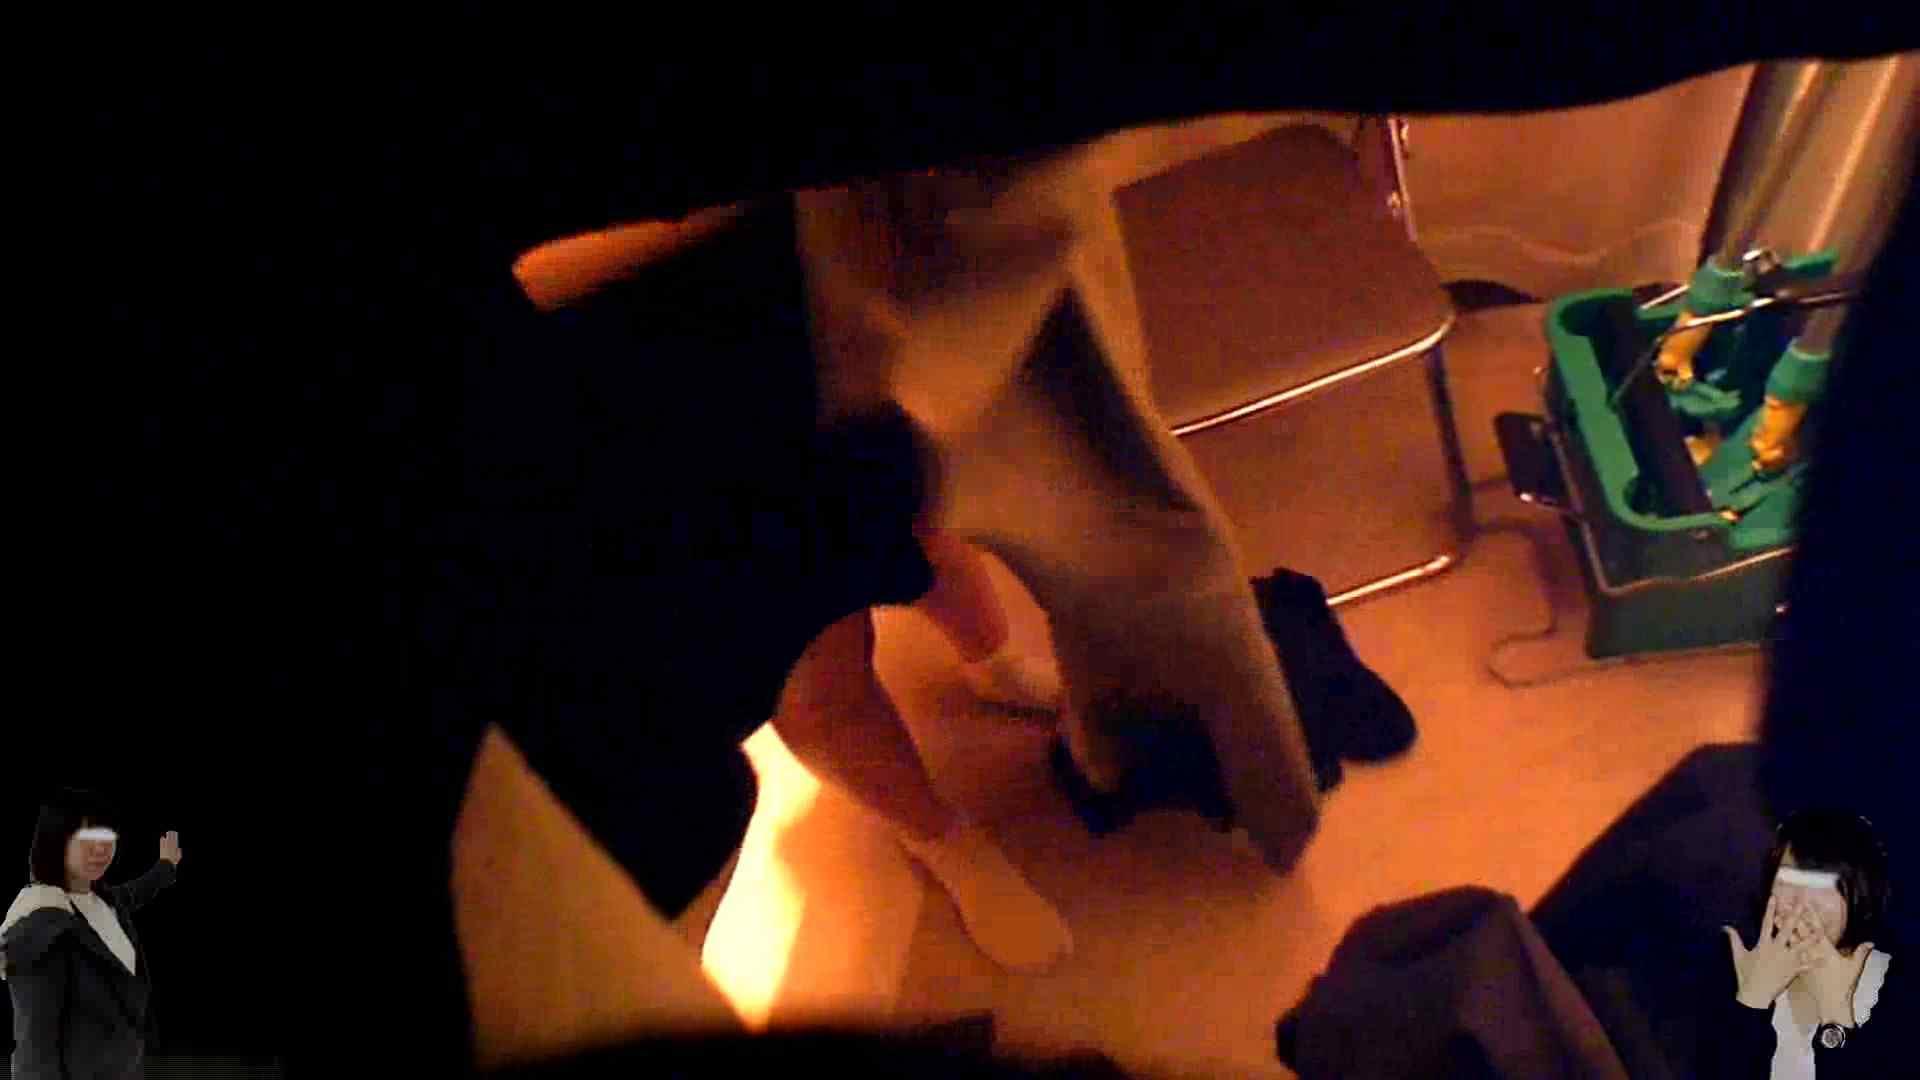 素人投稿 現役「JD」Eちゃんの着替え Vol.04 着替え おまんこ動画流出 107pic 95